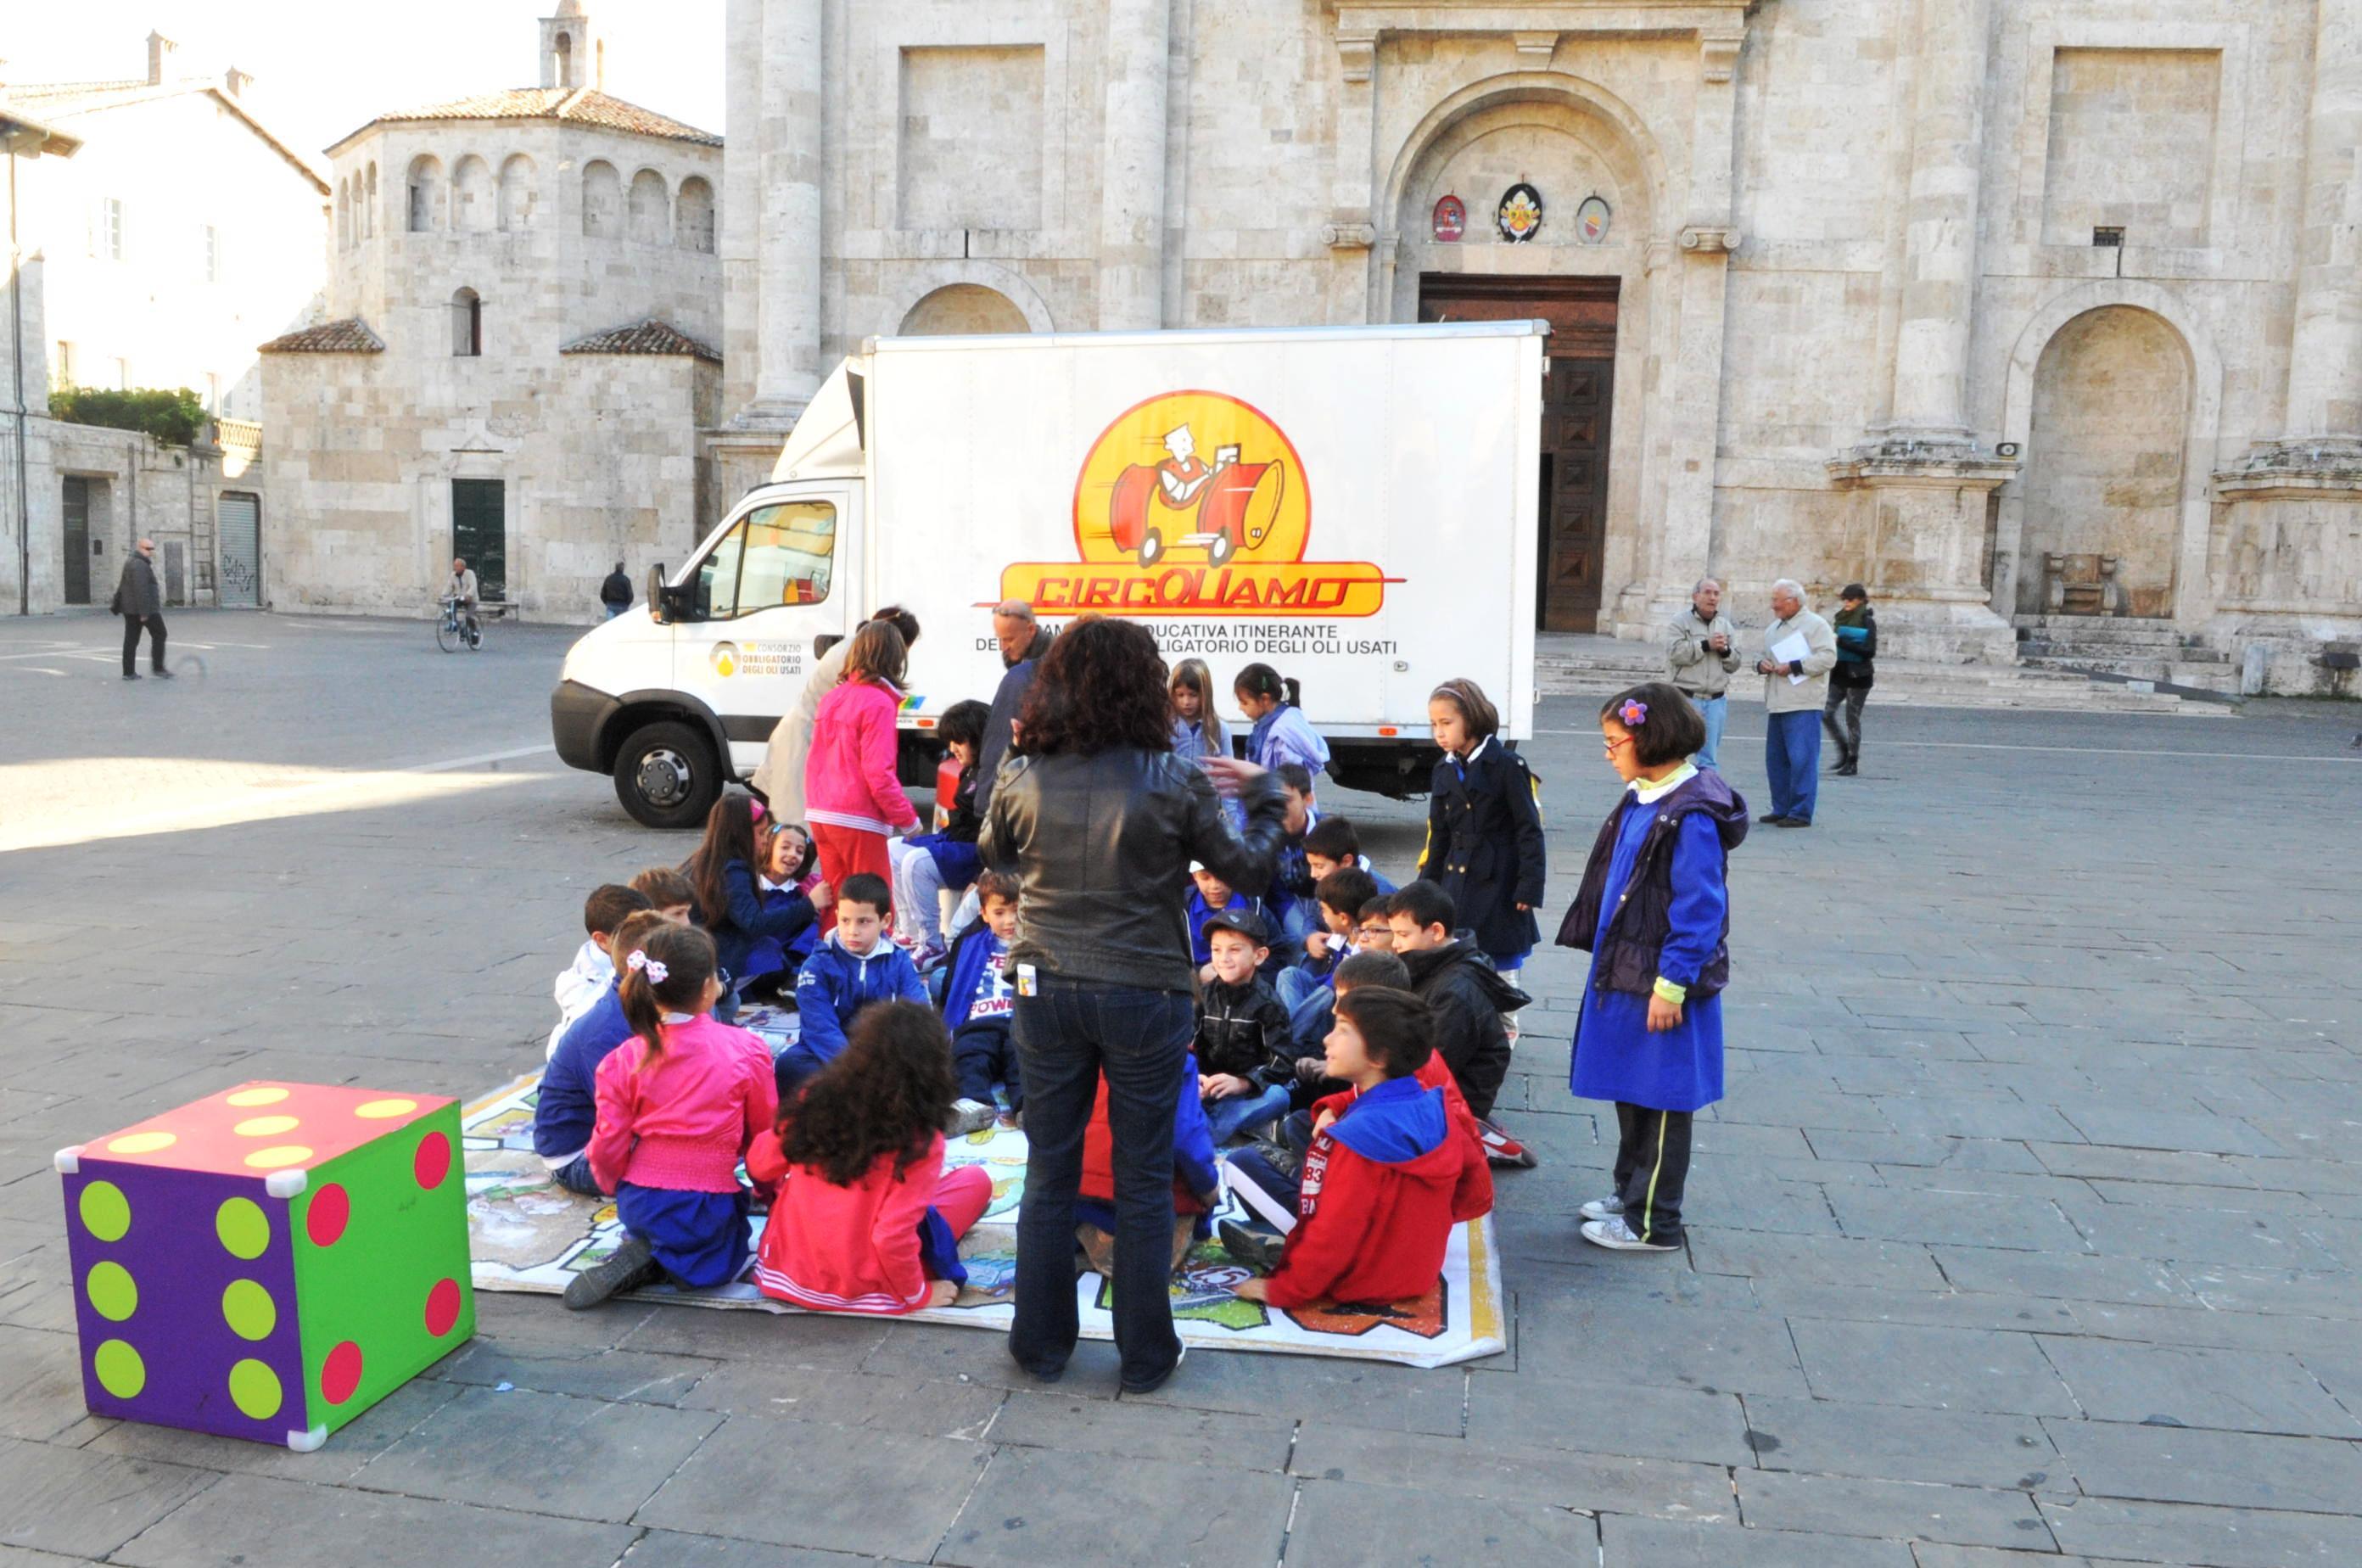 CircOLIamo e i bambini delle scuole che si esercitano in piazza Arringo